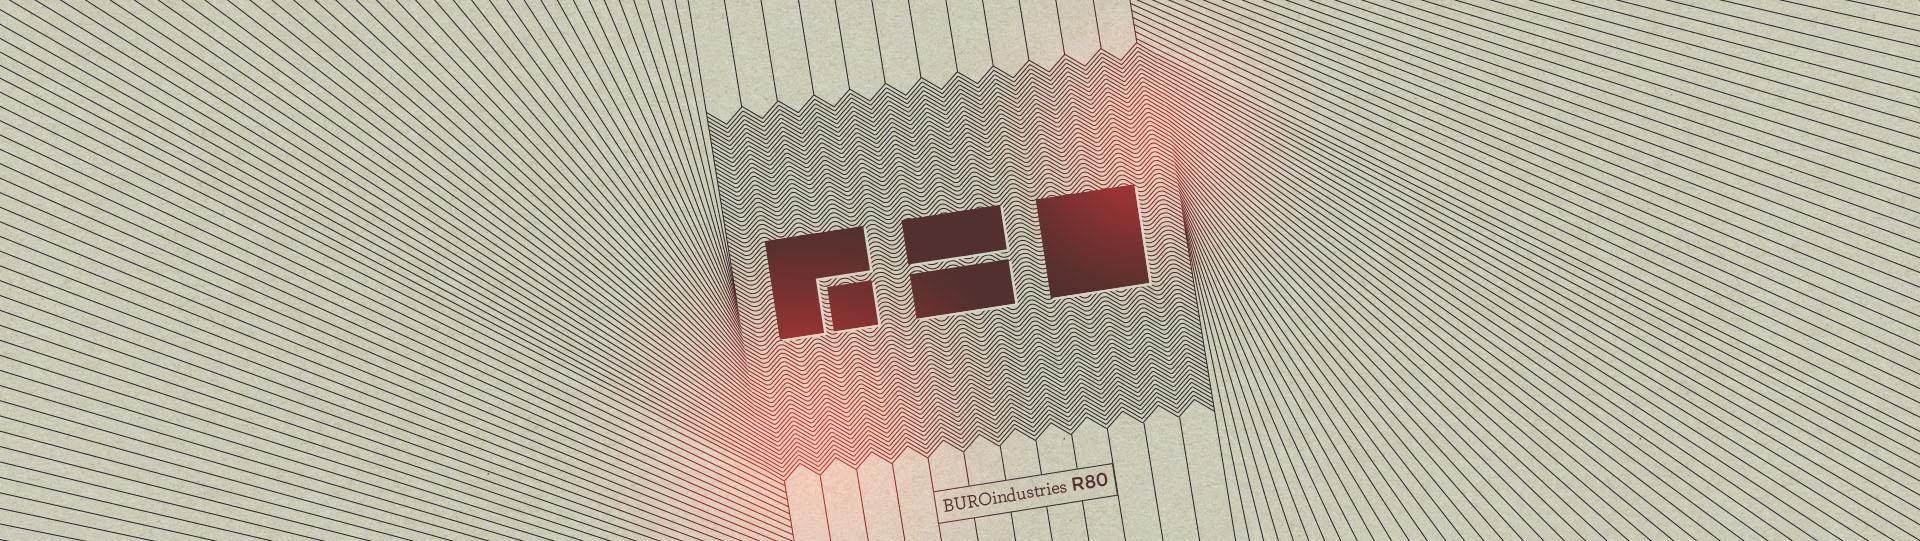 DecoR80.jpg